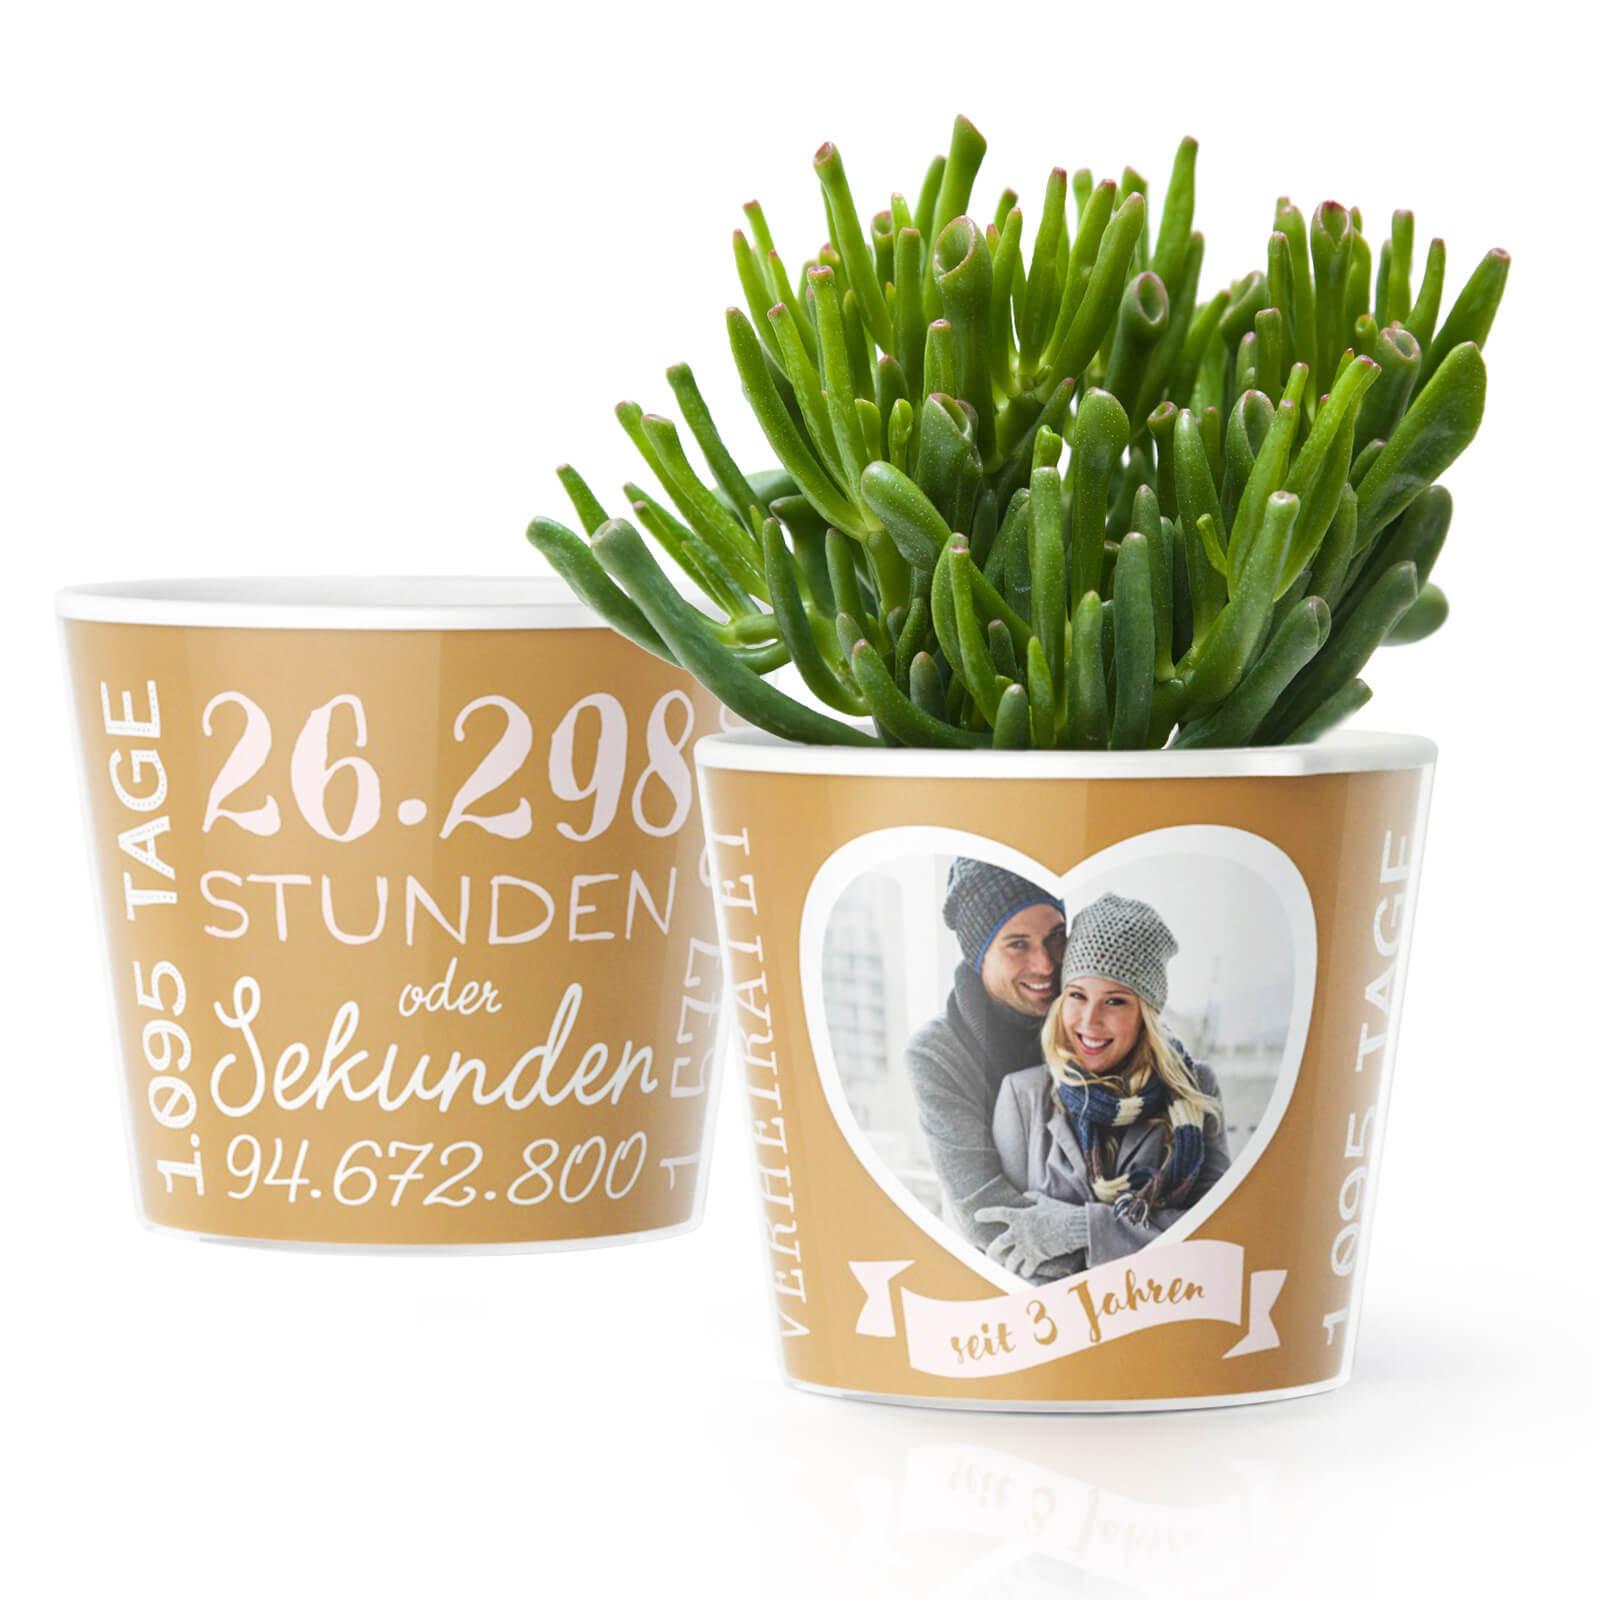 Lederne Hochzeit  3 Hochzeitstag Lederne Hochzeit – Blumentopf von MyFacepot